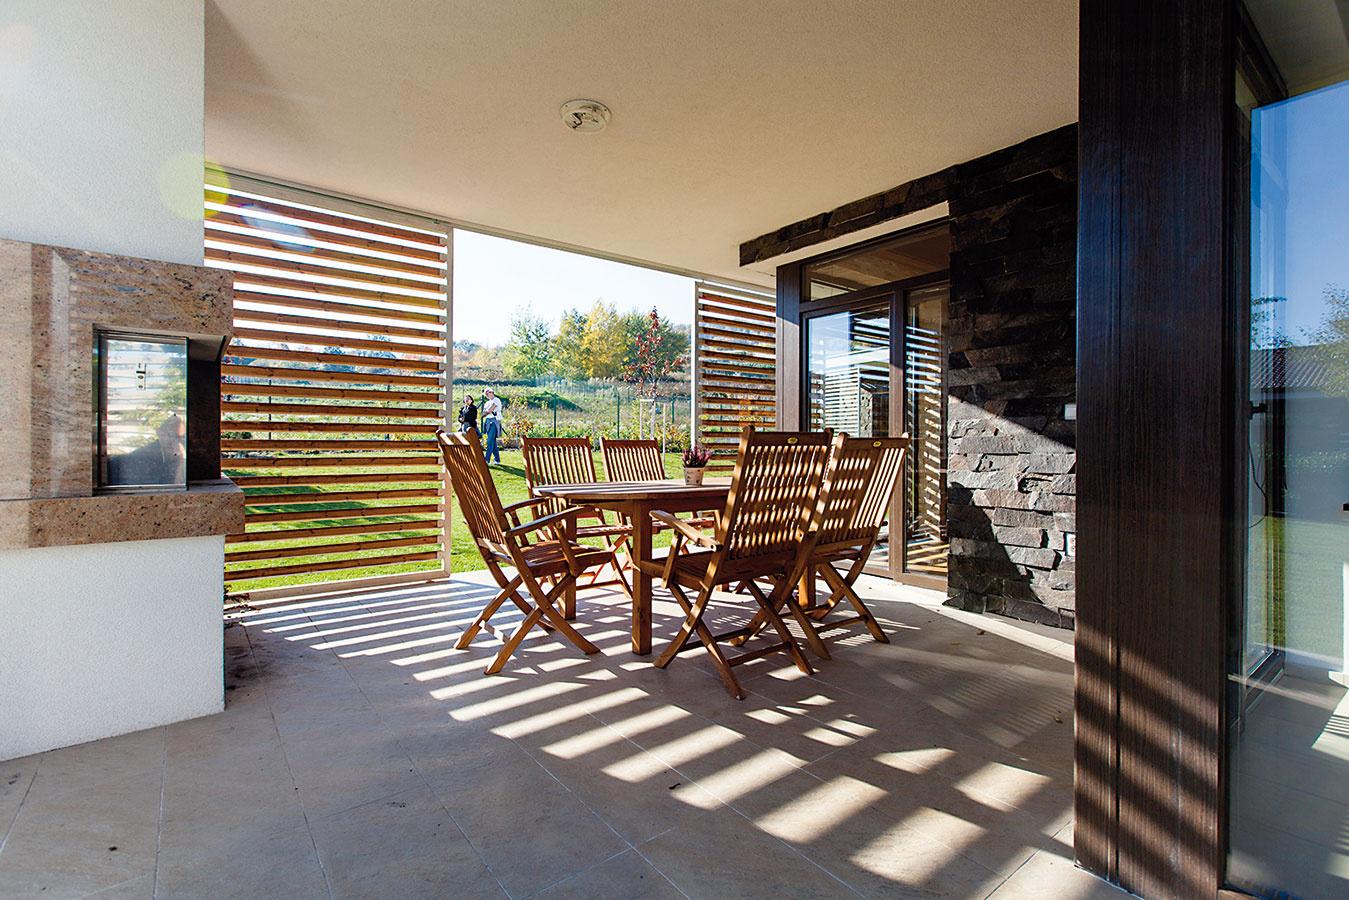 """Pol roka na terase. """"Veľa času trávime vonku – vzáhrade, aj na terase jedávame vždy, keď sa dá. Úžasný je pre nás tiež pohľad do ohňa, ktorý si môžeme užiť na terase aj vobývačke."""""""